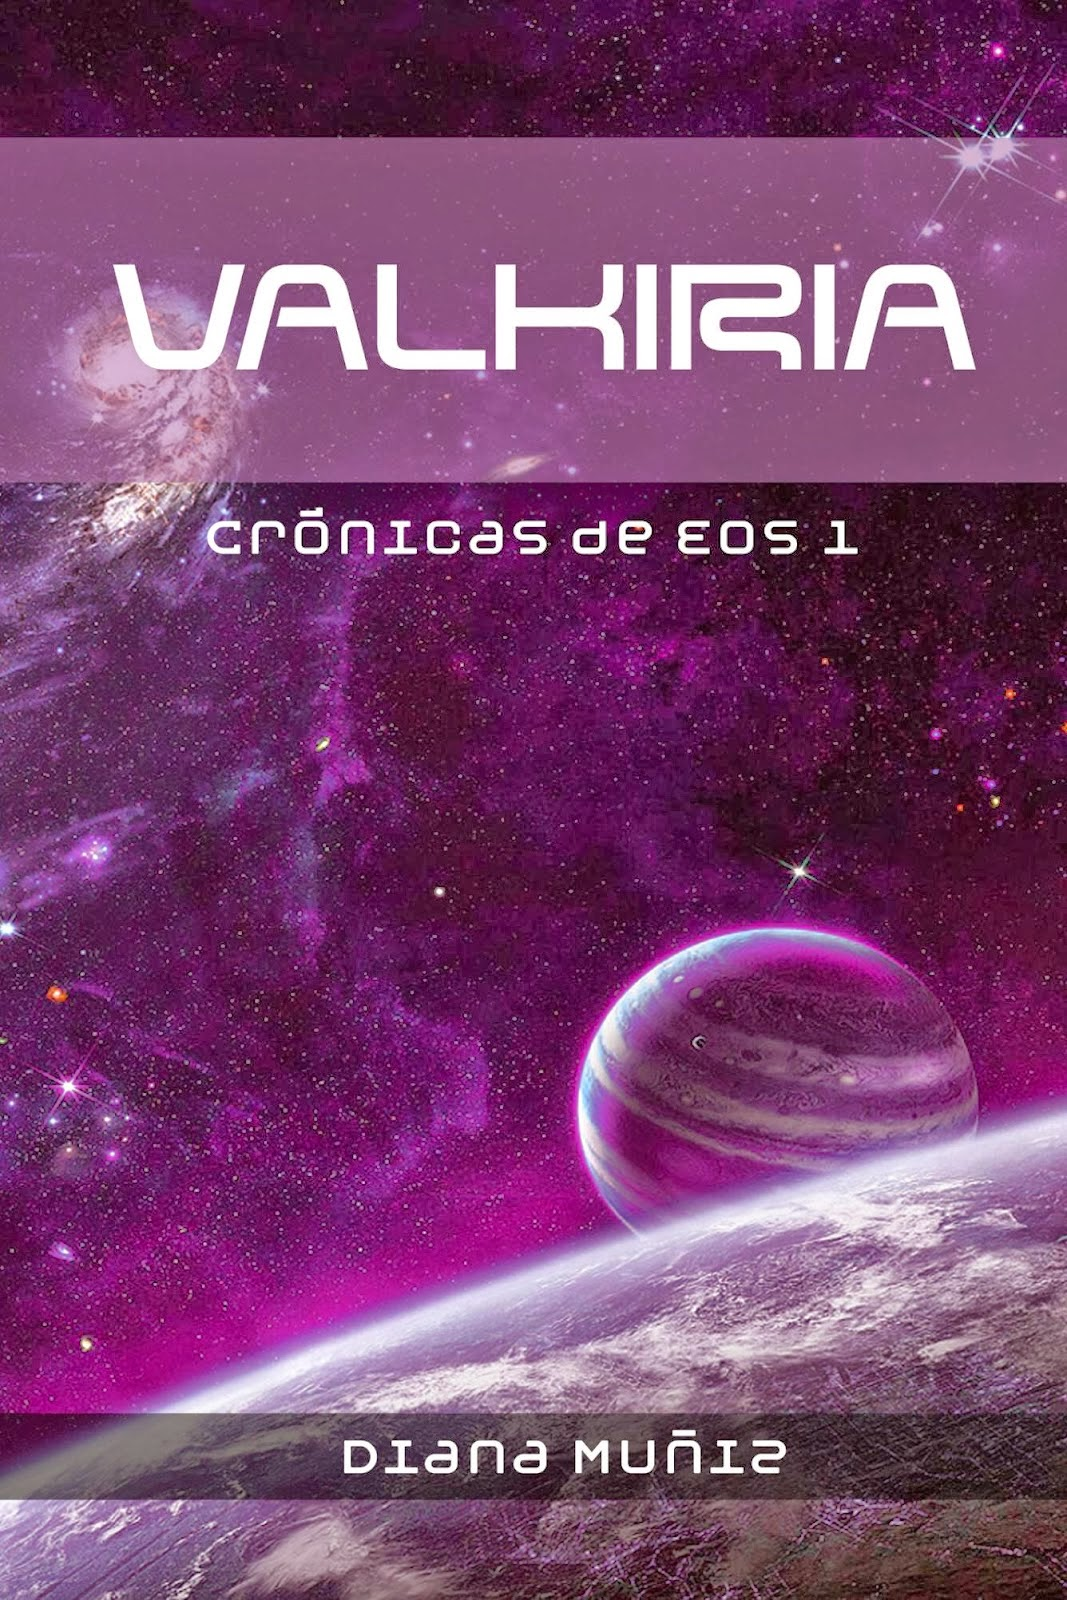 """Portada del libro """"Crónicas de Eos: Valkiria"""", de Diana Muñiz"""